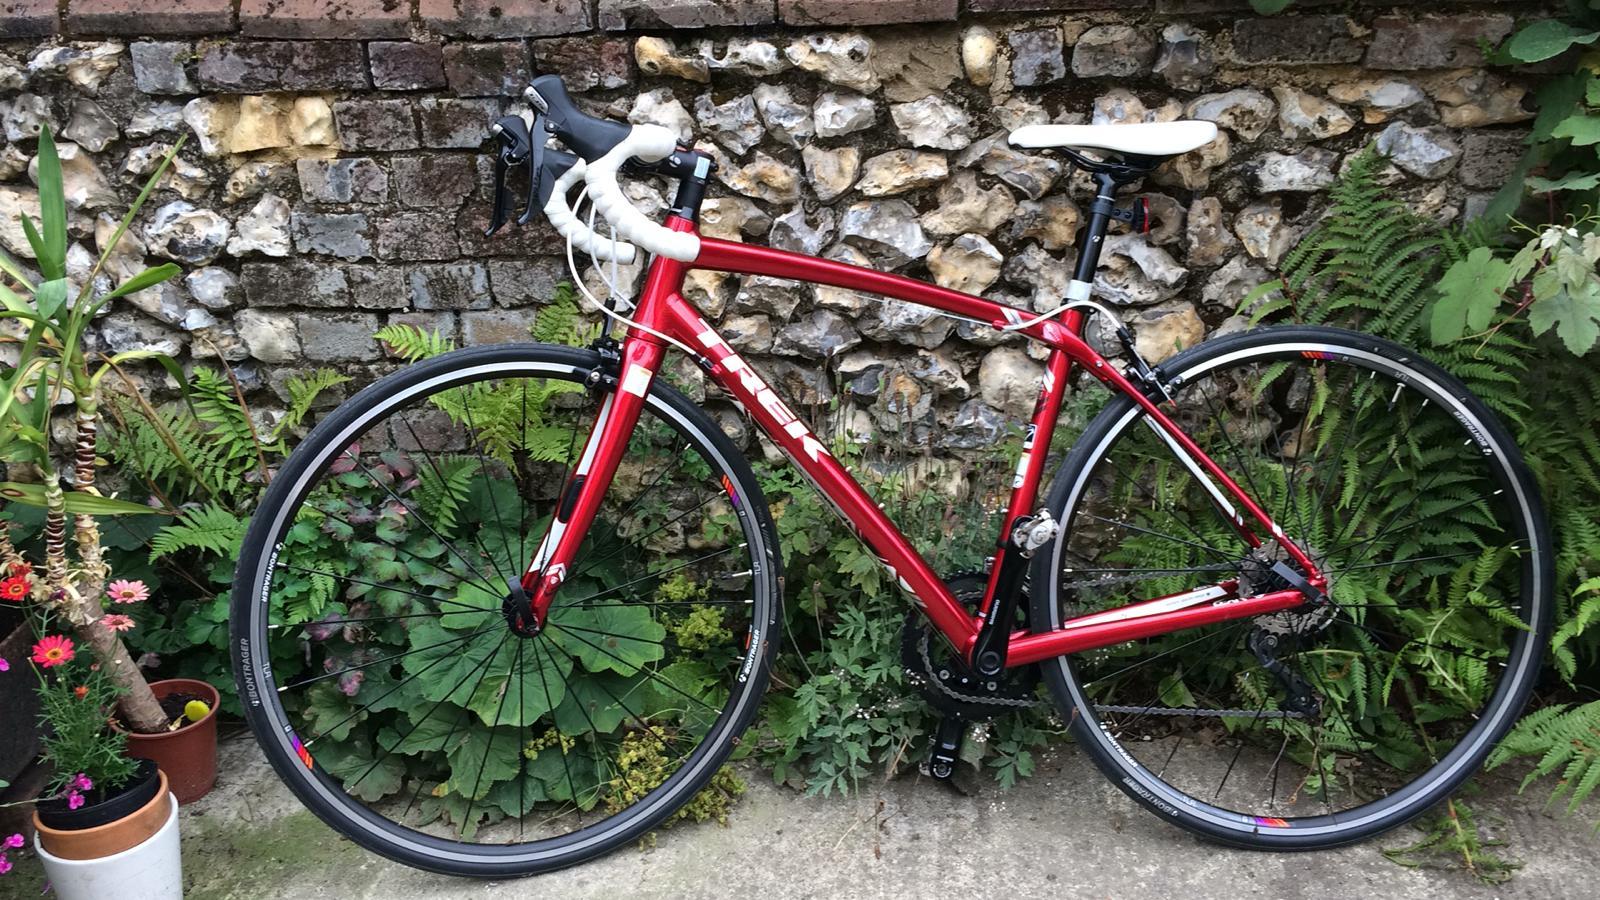 Stolen Trek Trek lexa slx c women's road bike 2015